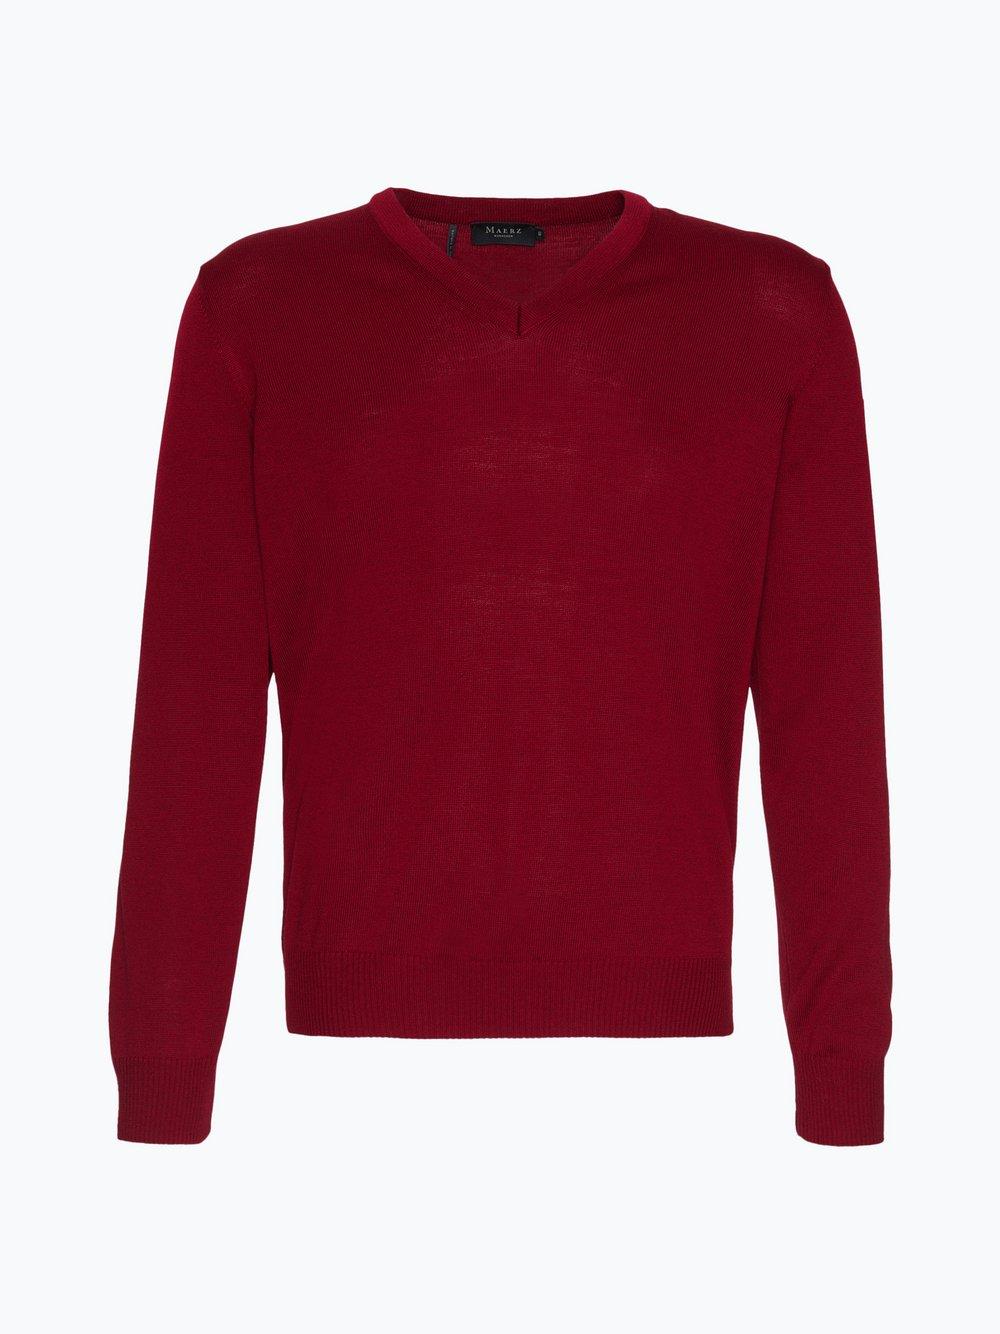 März - Męski sweter z wełny merino, czerwony